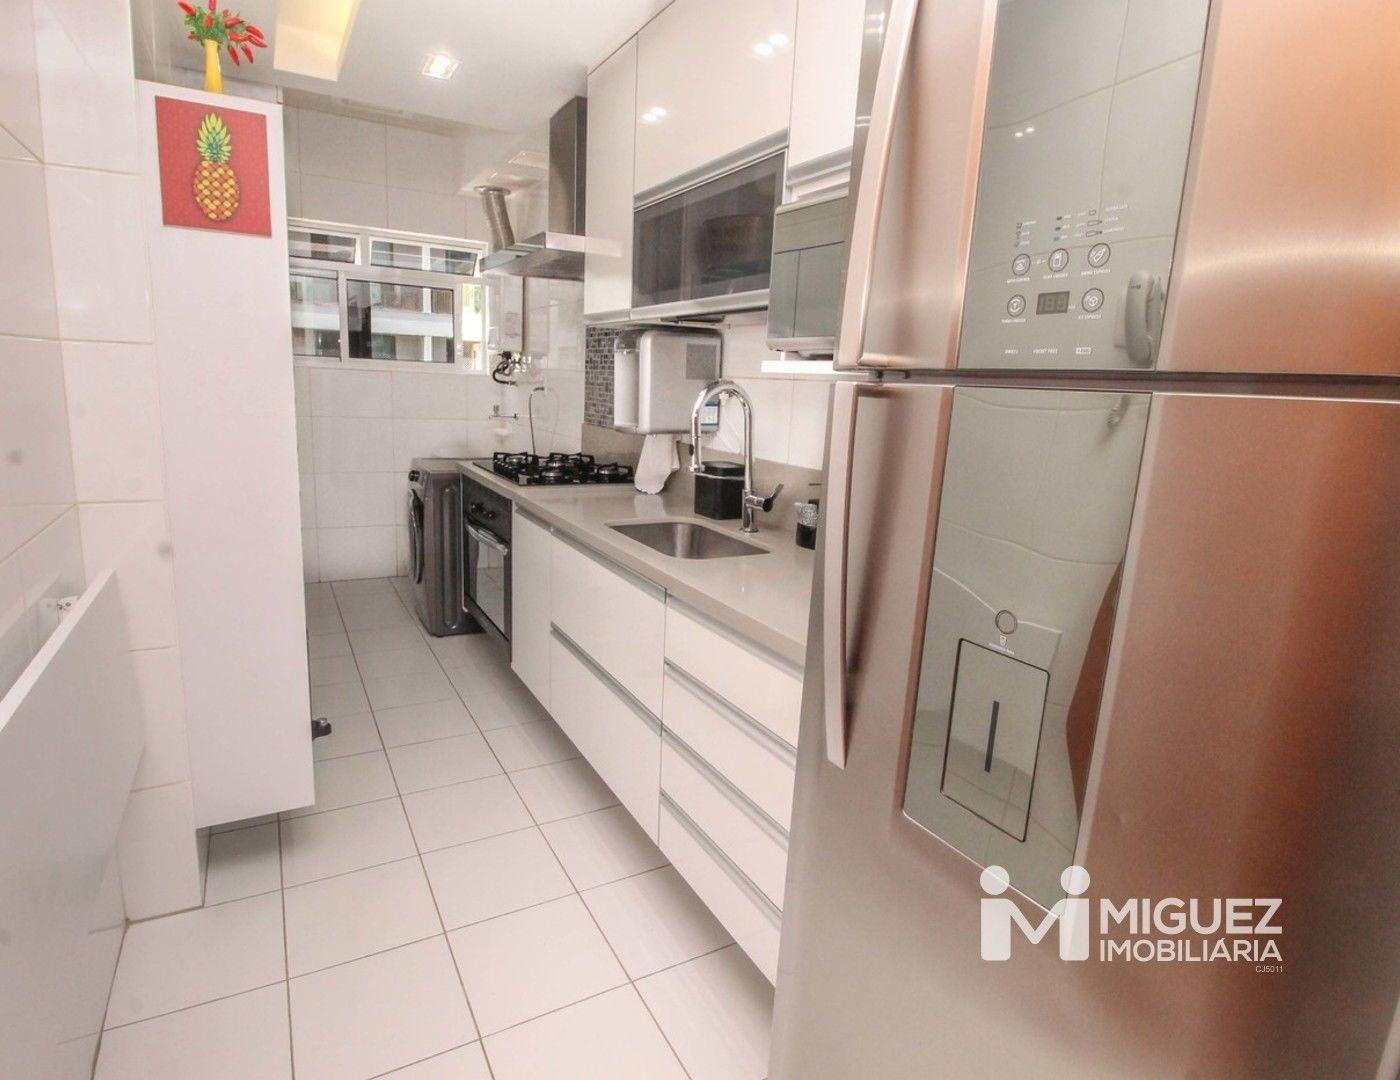 Apartamento, venda, Avenida Maracanã - Maracanã , Rio de janeiro